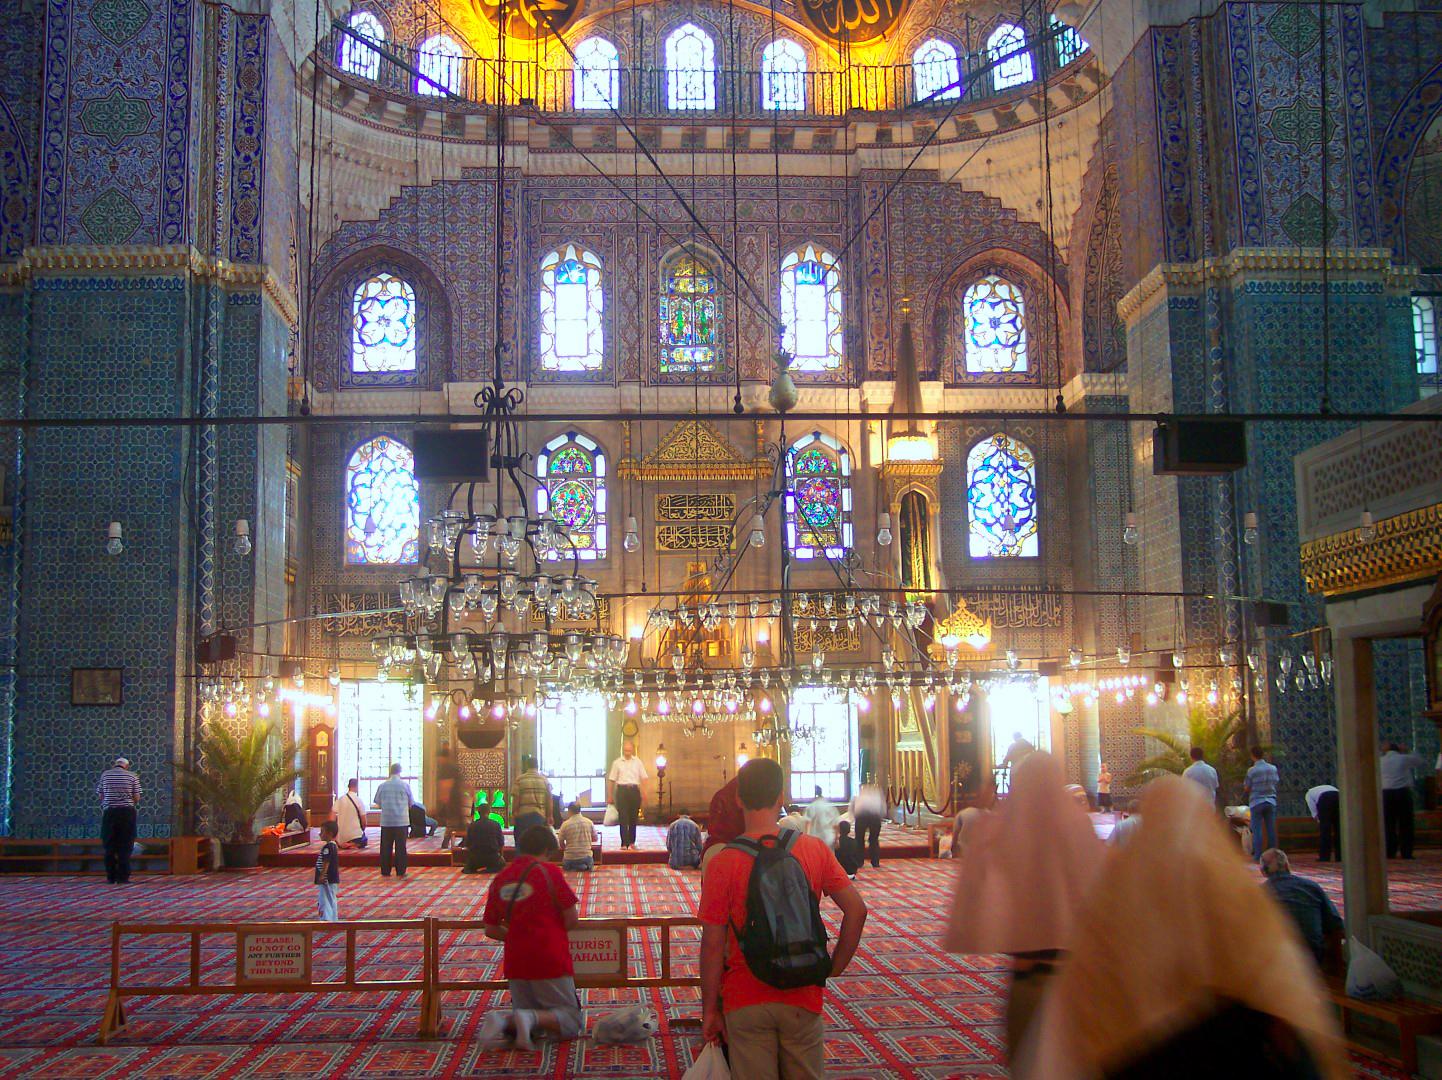 qué ver en Estambul, Turquía - Istanbul, Turkey qué ver en estambul - 30816773740 3ece333b66 o - Qué ver en Estambul